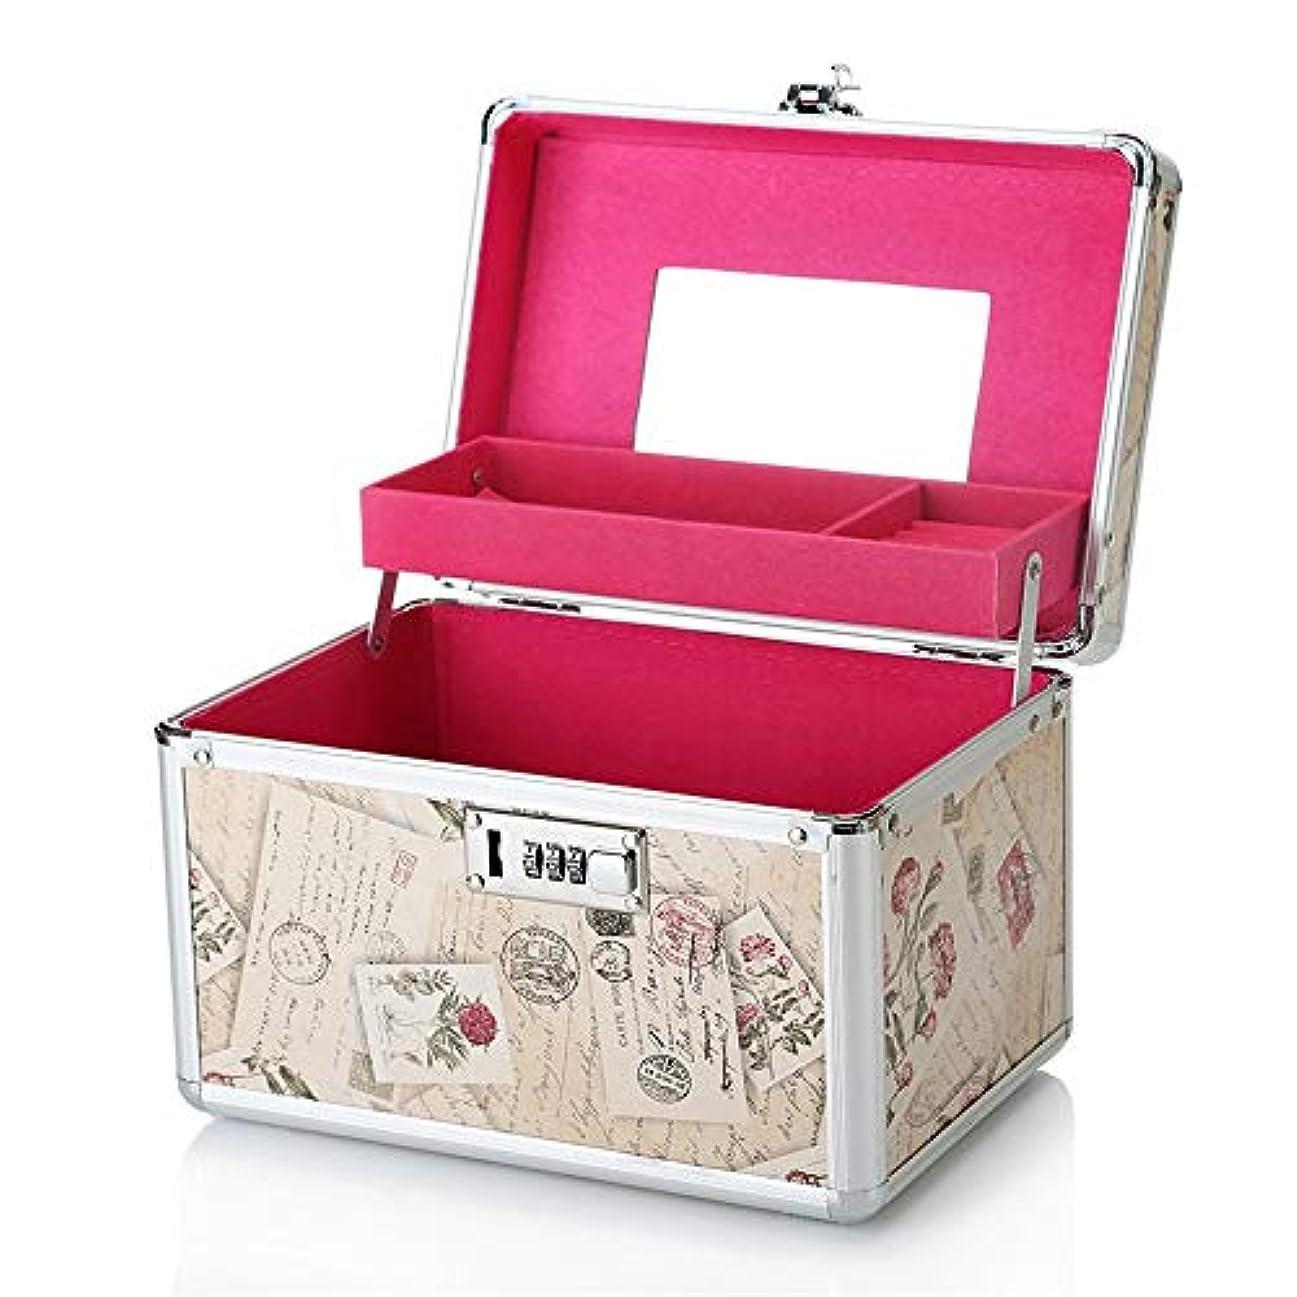 軽減階層意志に反する化粧オーガナイザーバッグ 旅行のメイクアップバッグメイク化粧品バッグトイレタリー化粧ケース 化粧品ケース